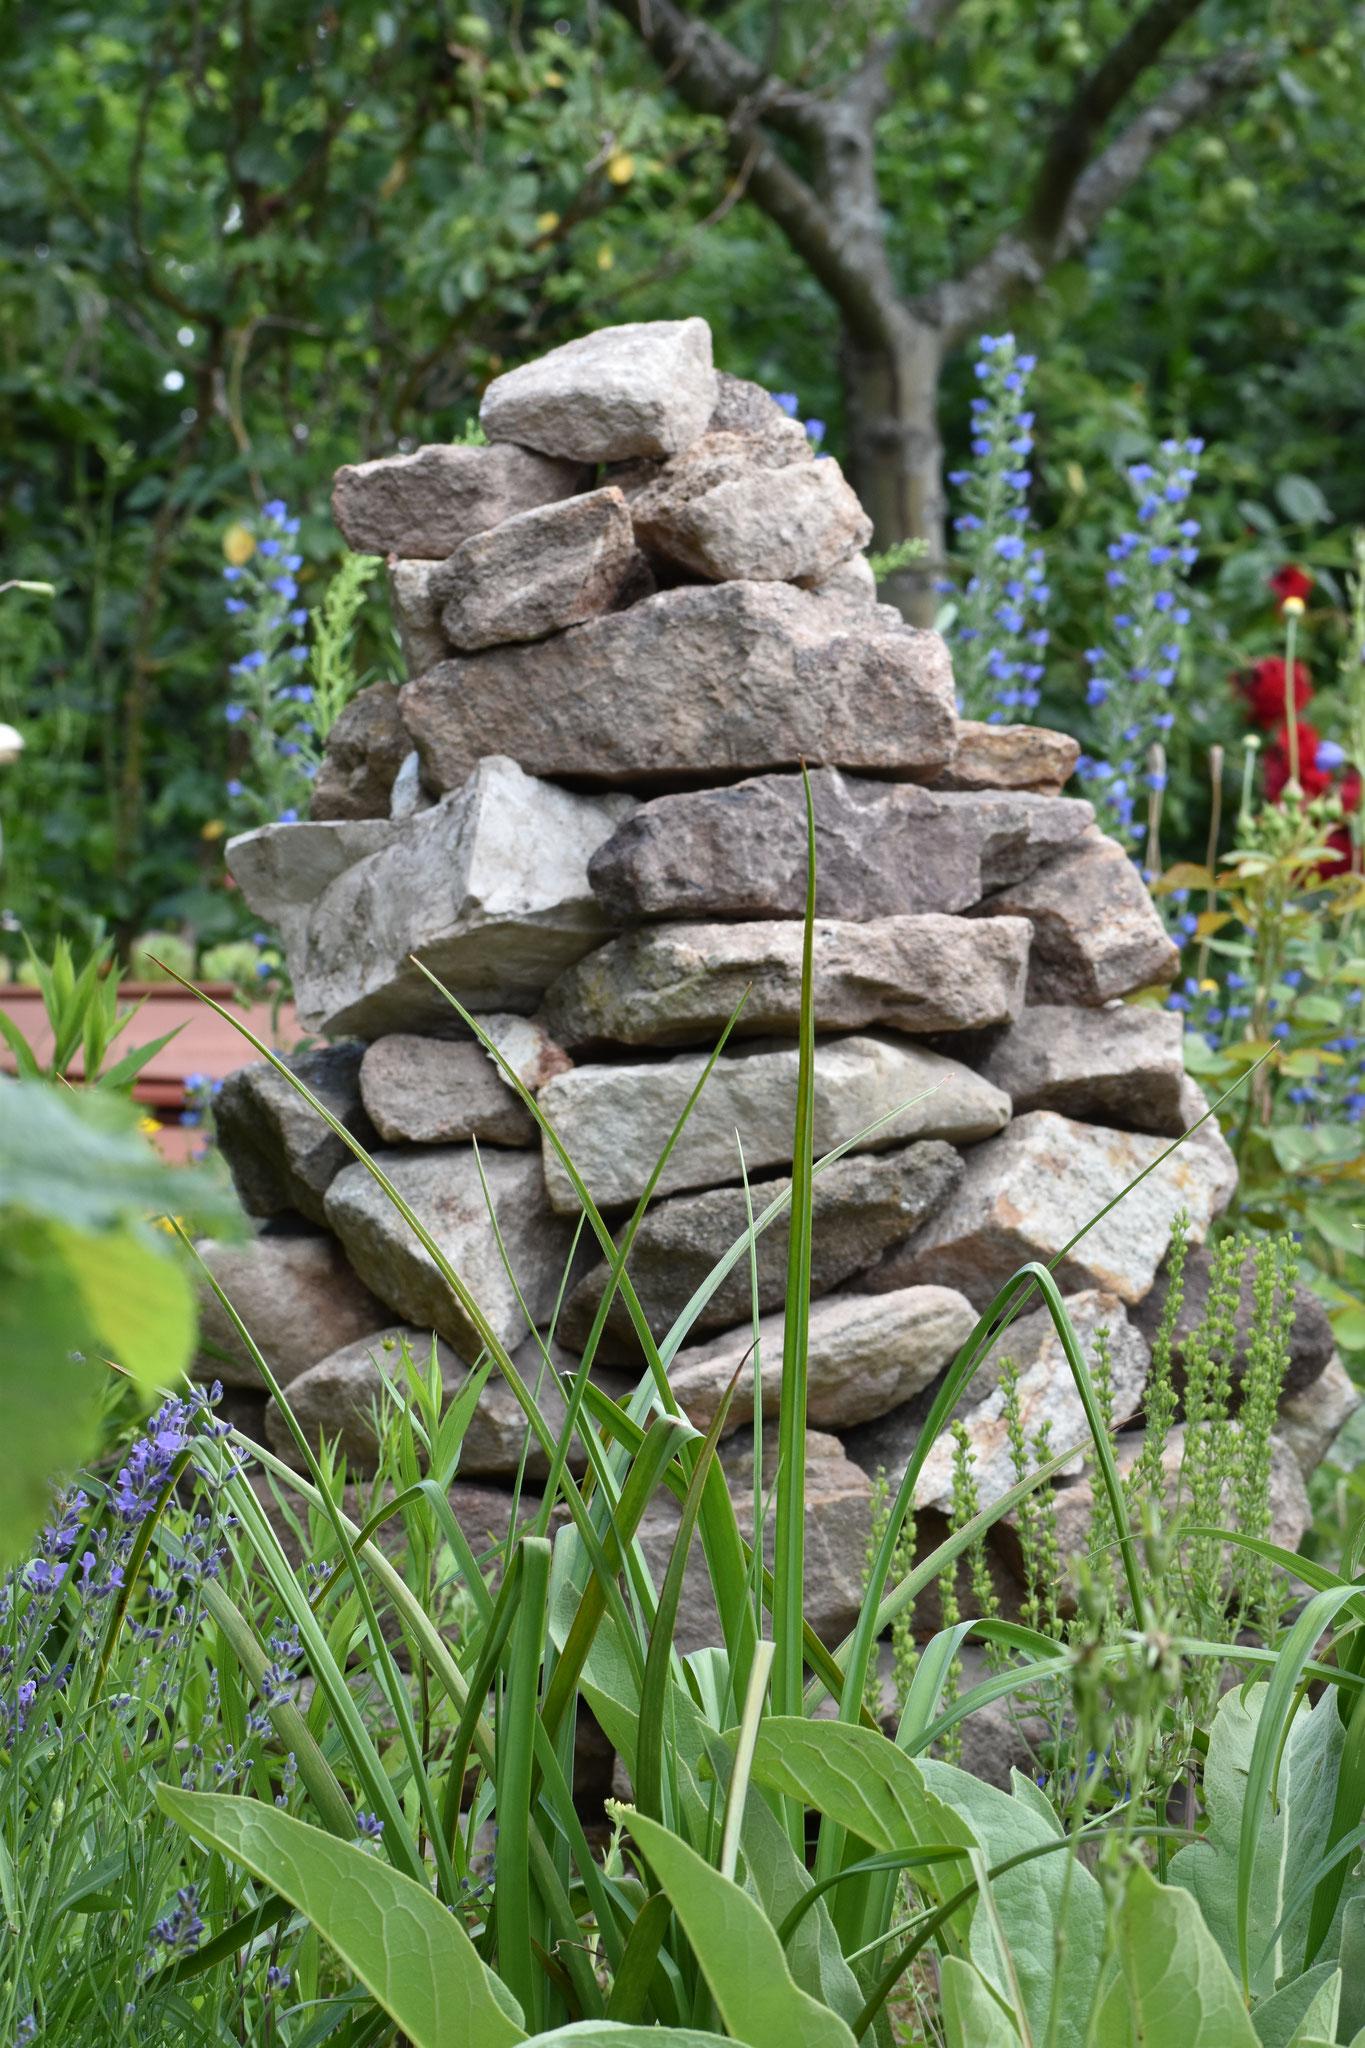 Pyramide aus heimischen Steinen als Unterschlupf für Insekten und Eidechsen (Foto: H. Seiß)